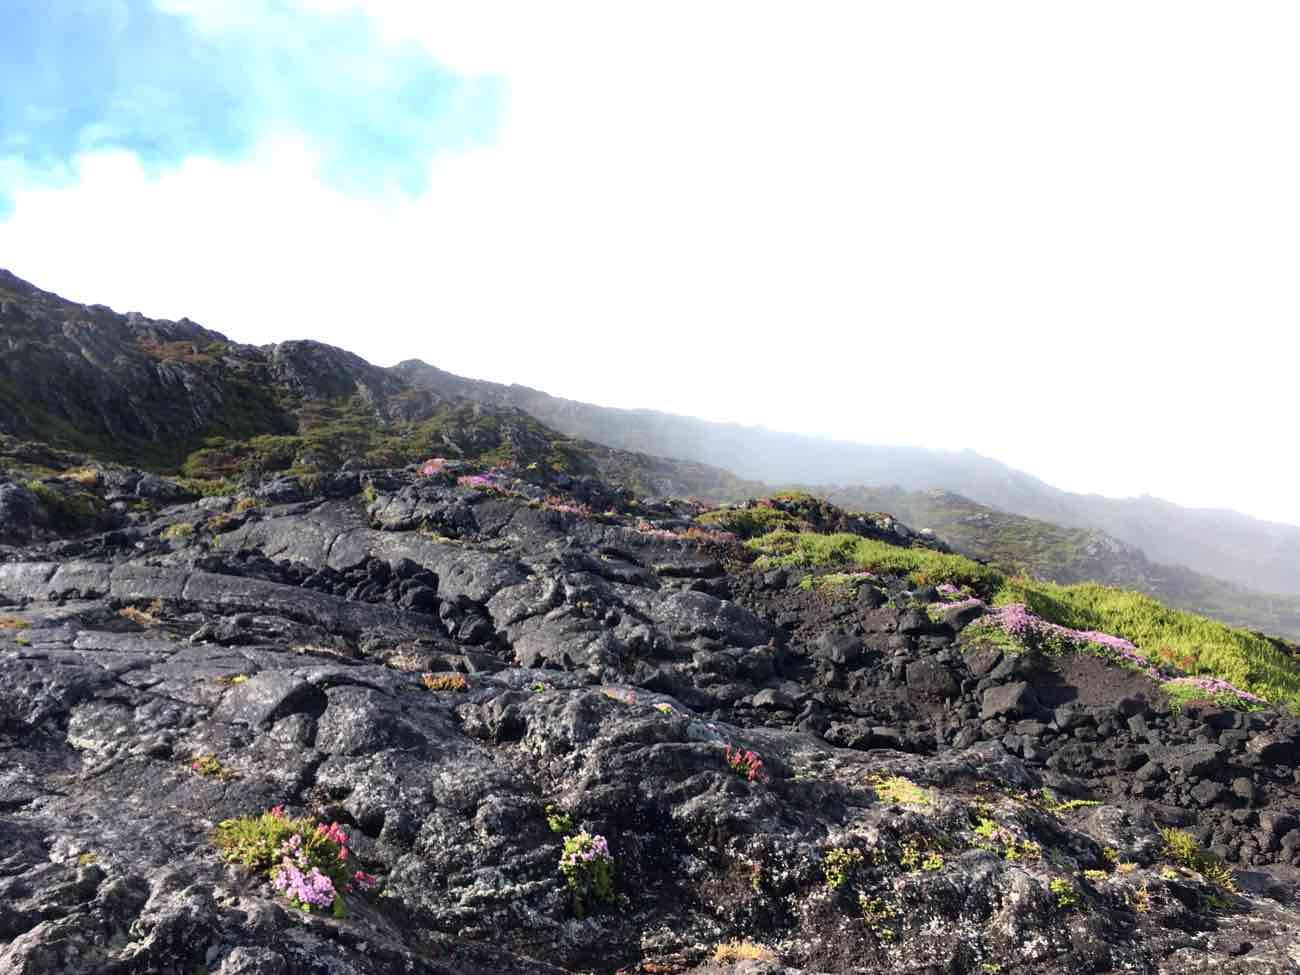 mount pico azores landscape scenery